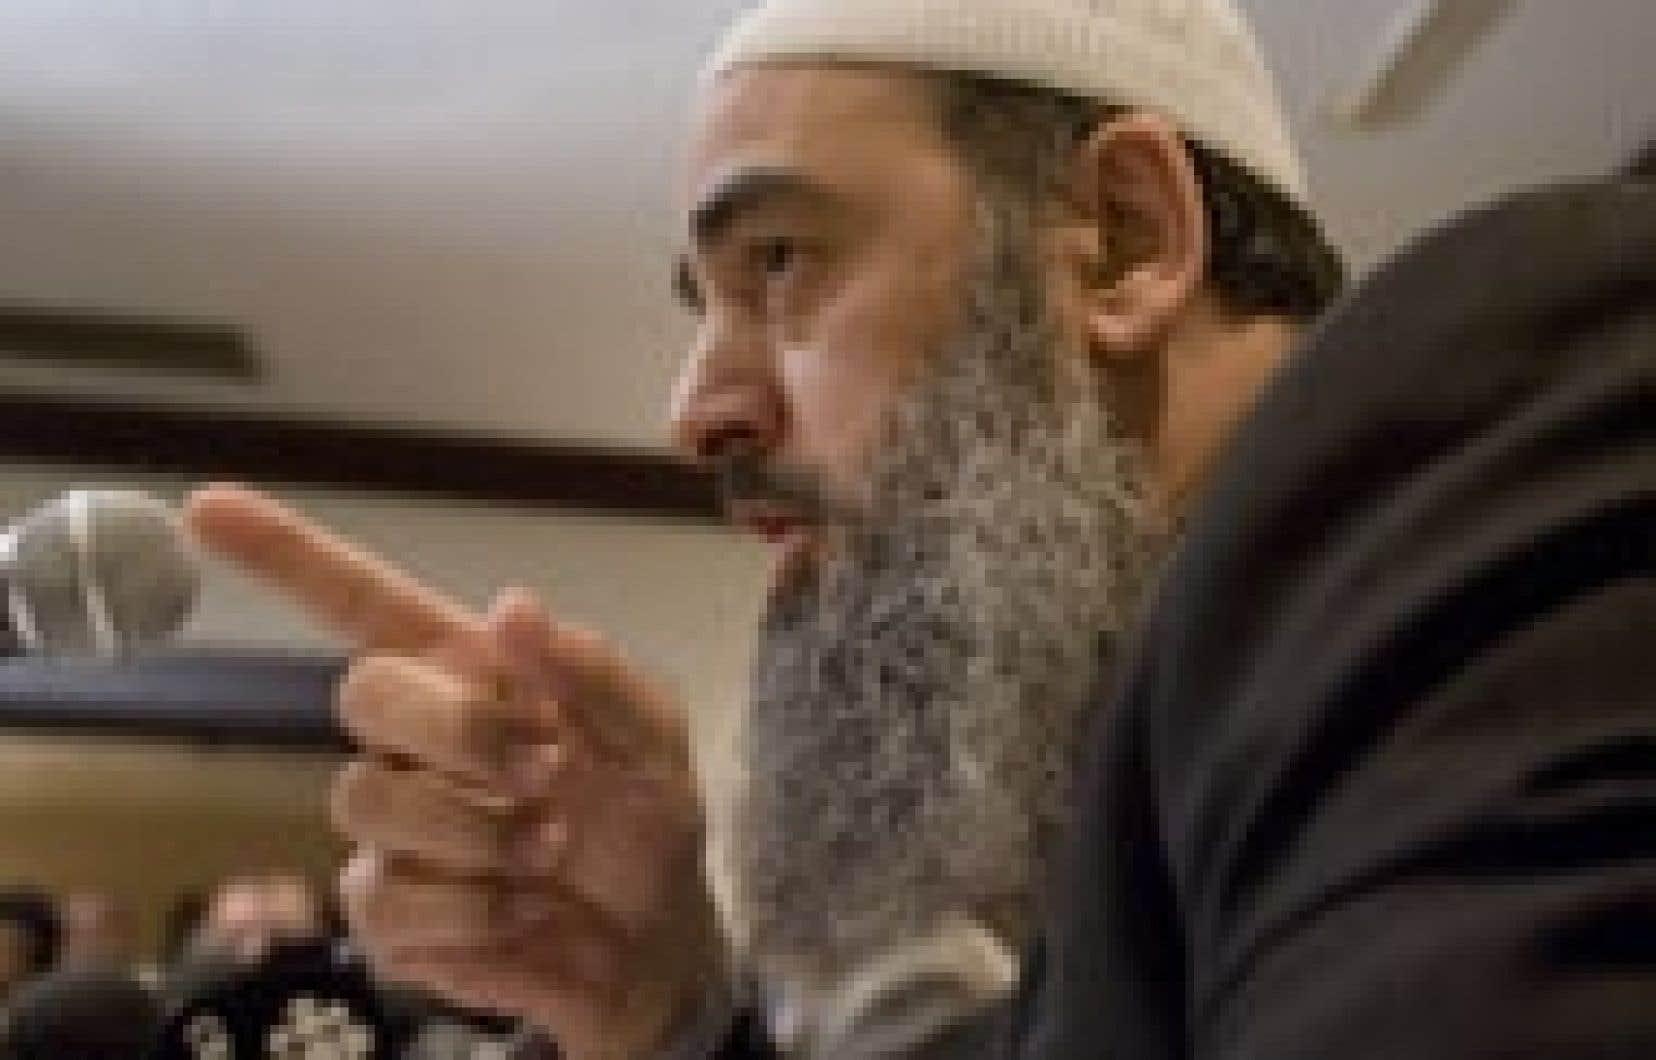 Salam Elmenyawi, du Comité musulman de coordination pour la justice, préfère accueillir les autres communautés chez lui, dans sa mosquée, plutôt que de prendre la rue et de risquer que la manifestation ne dégénère.